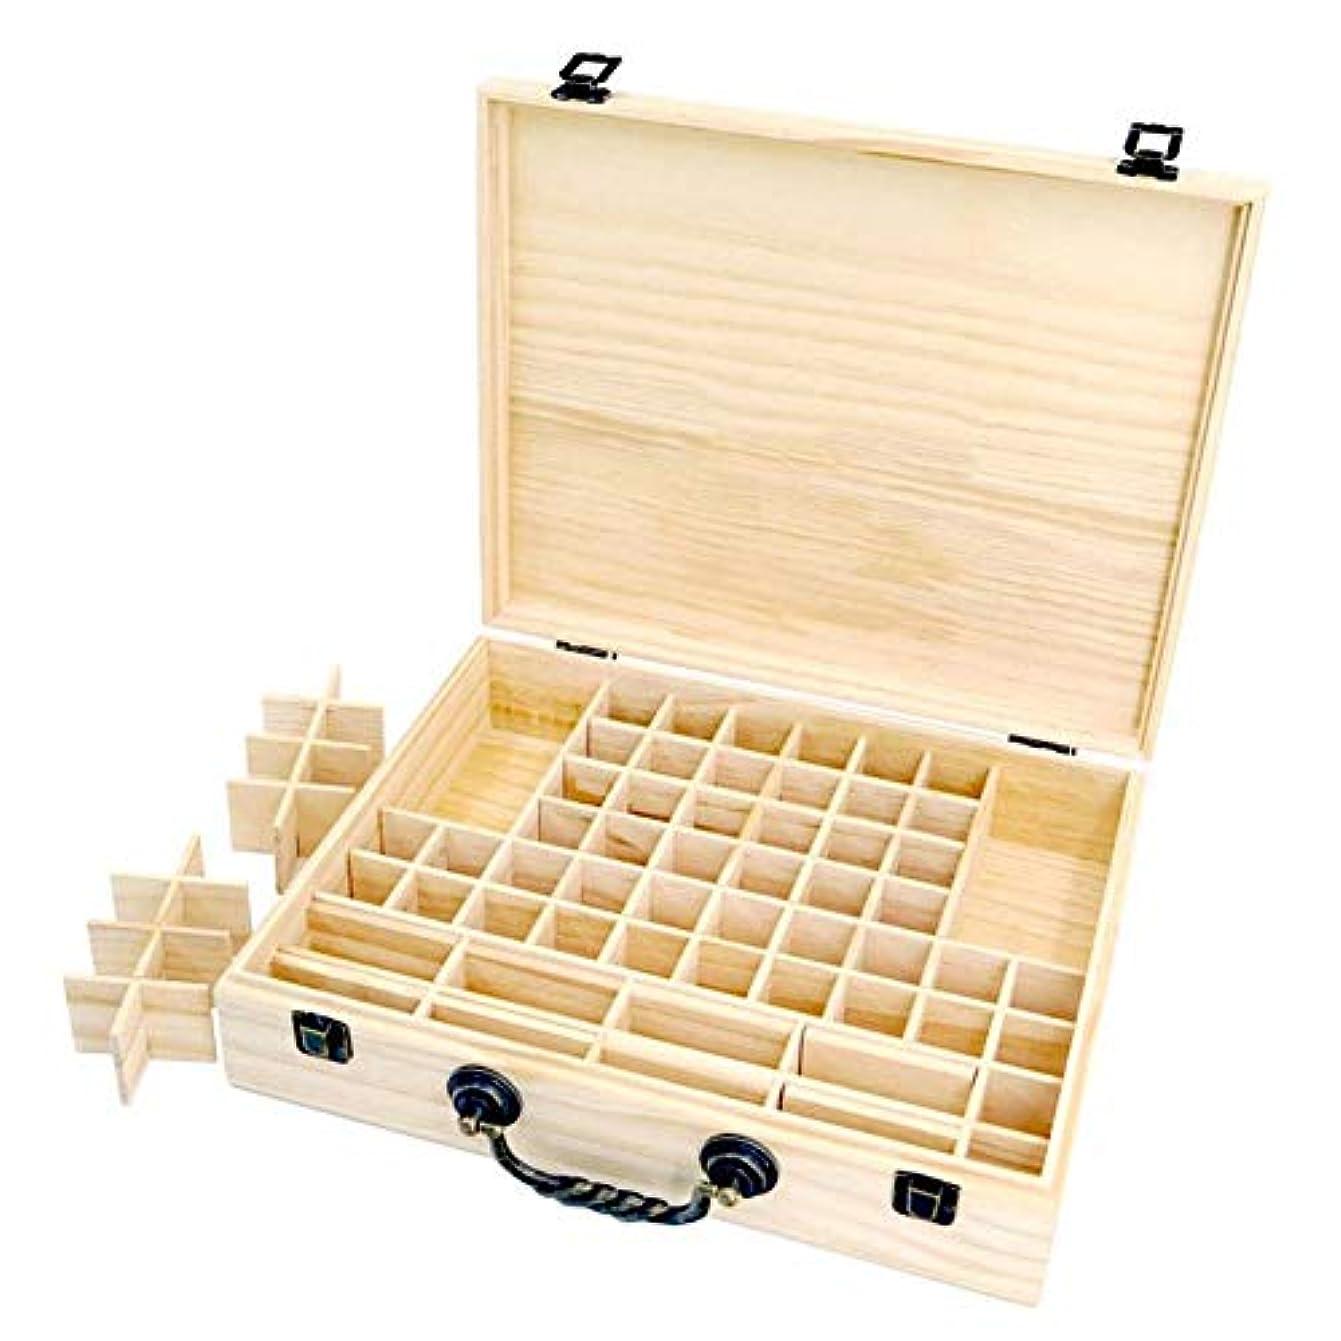 ステレオタイプスキップ剪断エッセンシャルオイル収納ボックス 収納ケース 保存ボックス パイン製 取り外し可能なメッシュ 70グリッド 持ち運び便利 junexi